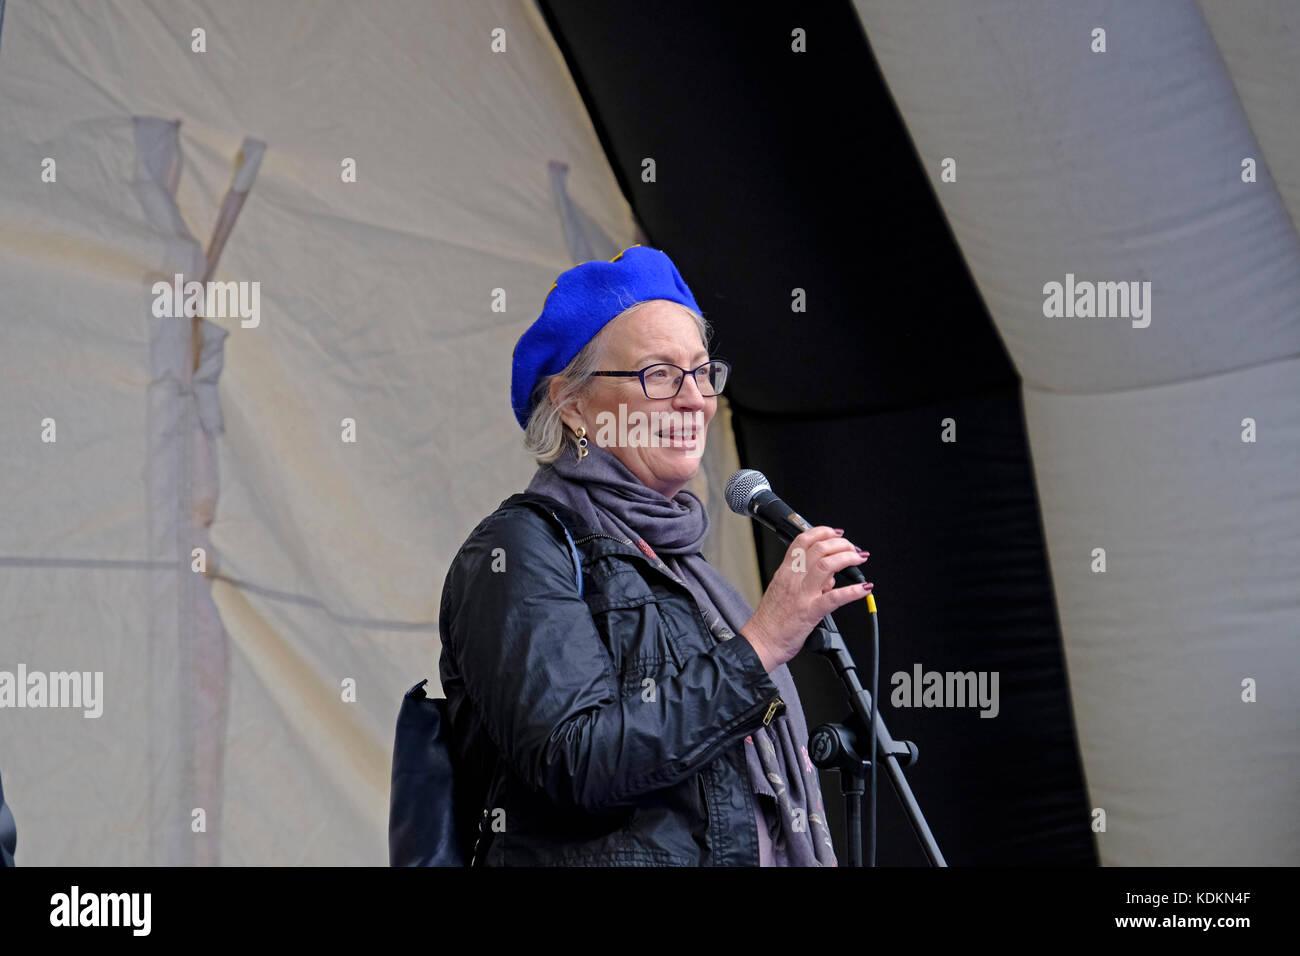 Bristol, UK. 14. Oktober, 2017. Julie Girling, konservative Europaabgeordnete für Süd-west England und Stockbild